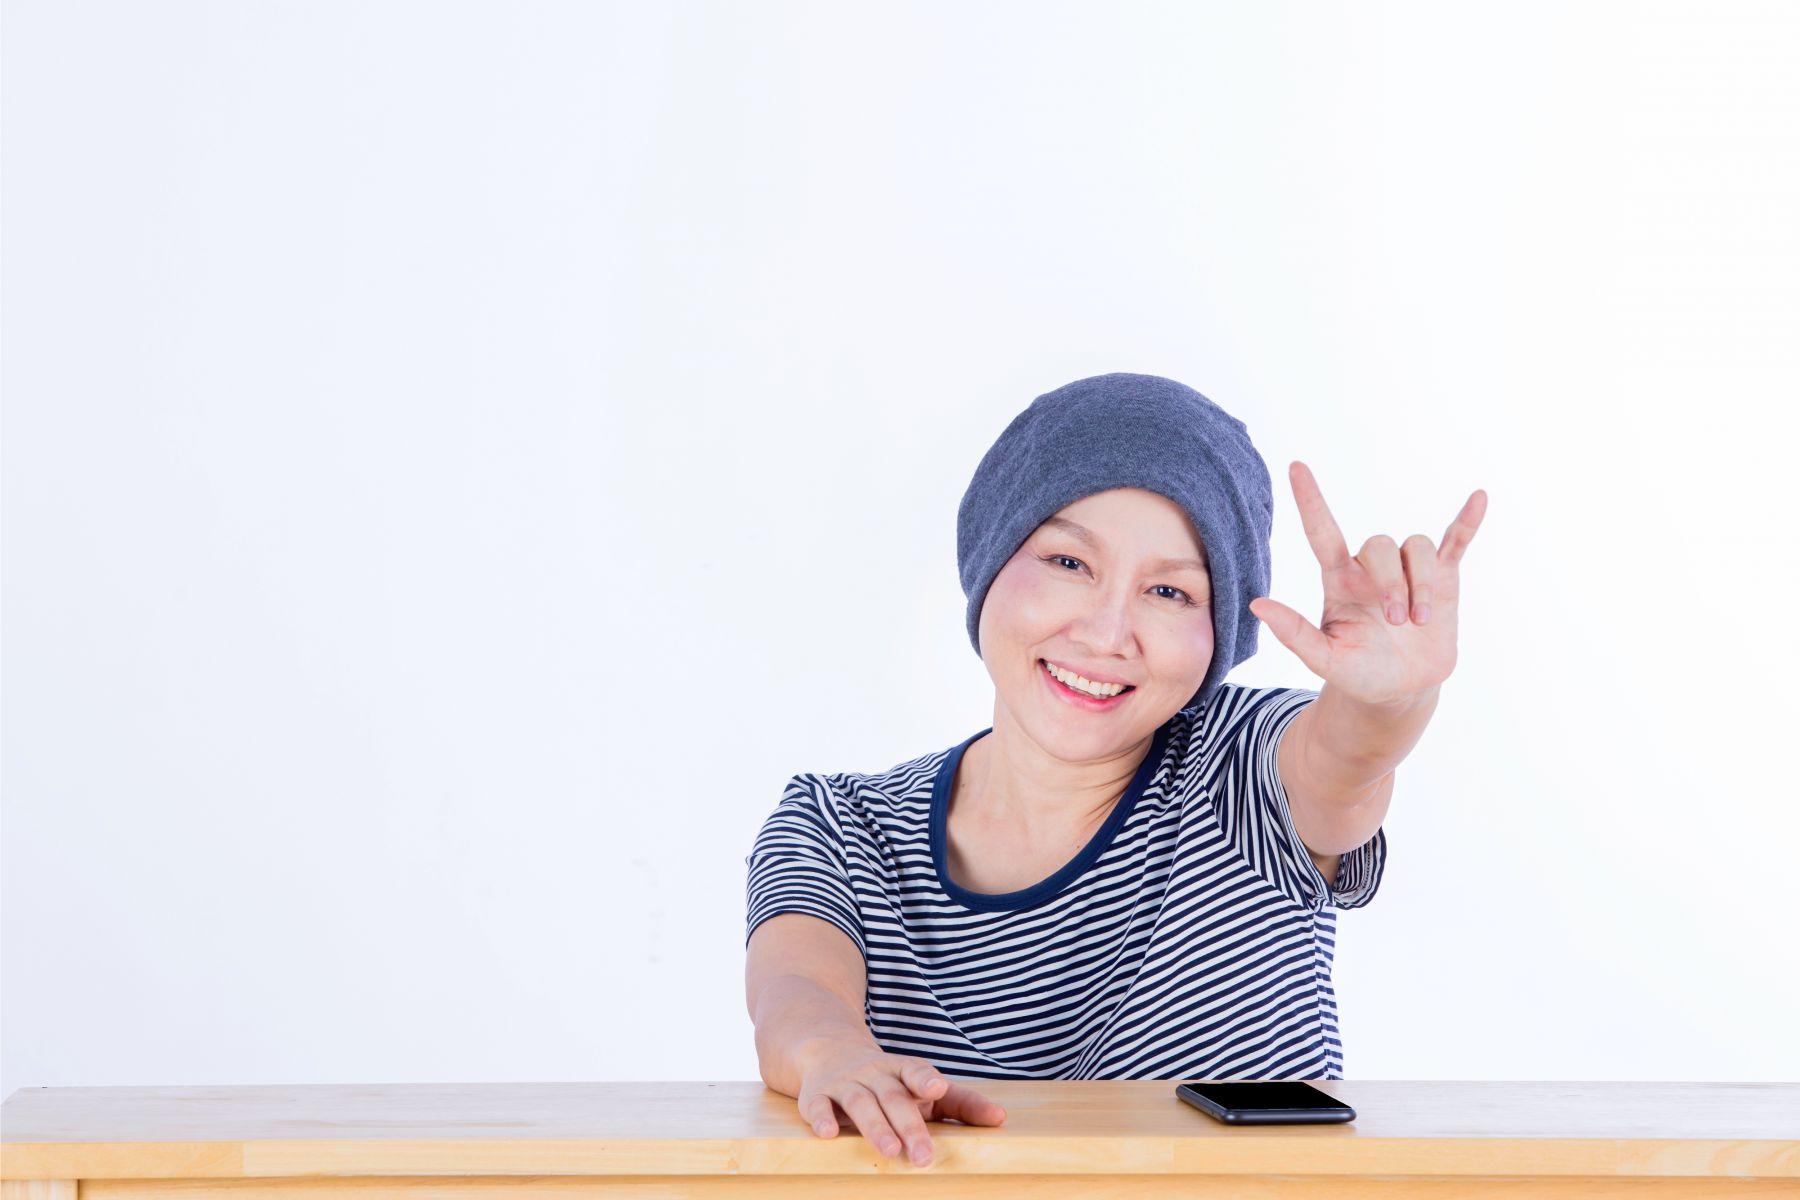 更年期後好發卵巢癌,超過一半患者已癌症末期!篩檢、超音波檢查、慎用爽身粉預防最有效